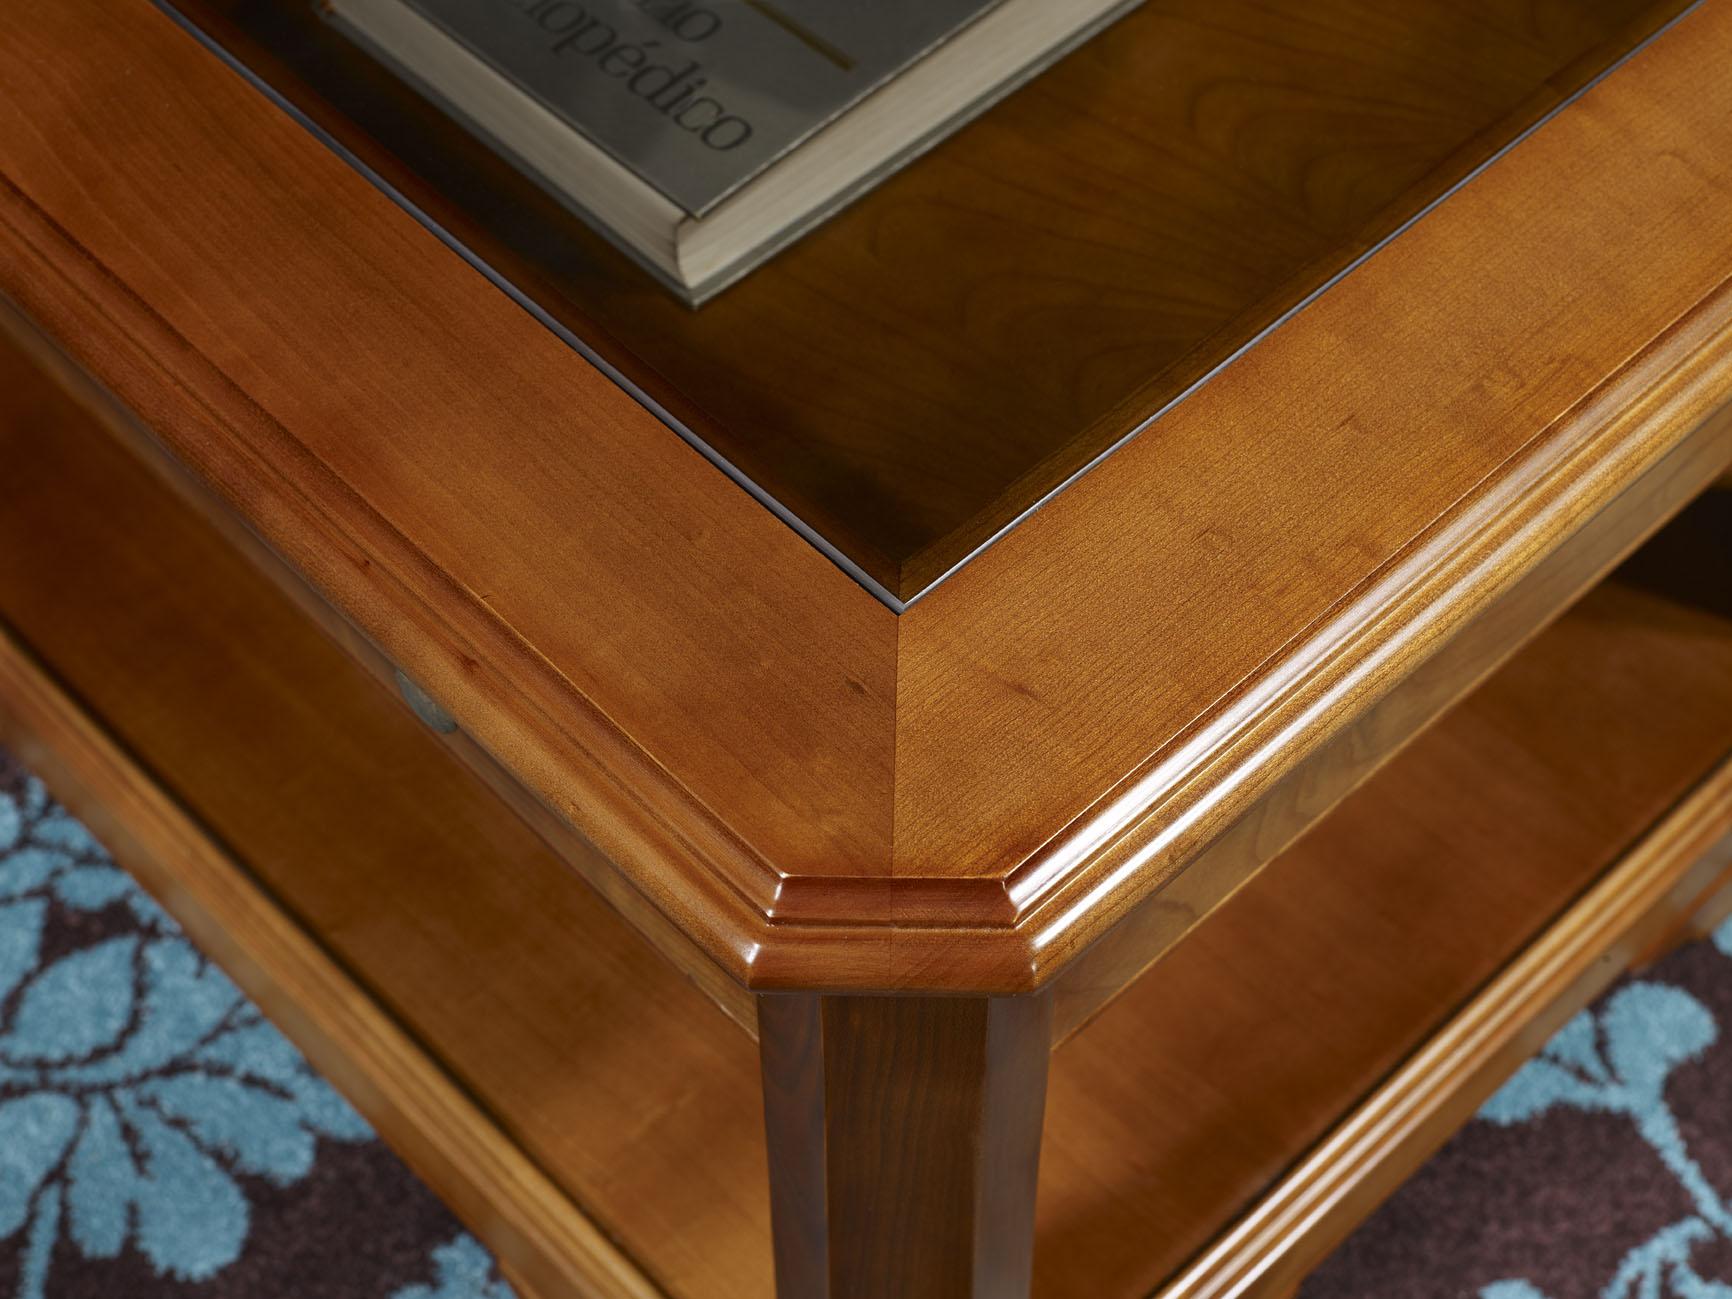 Table Basse en Merisier Massif de style Louis Philippe TIROIR VITRINE , meuble en Merisier massif # Meubles Bois Massif Merisier